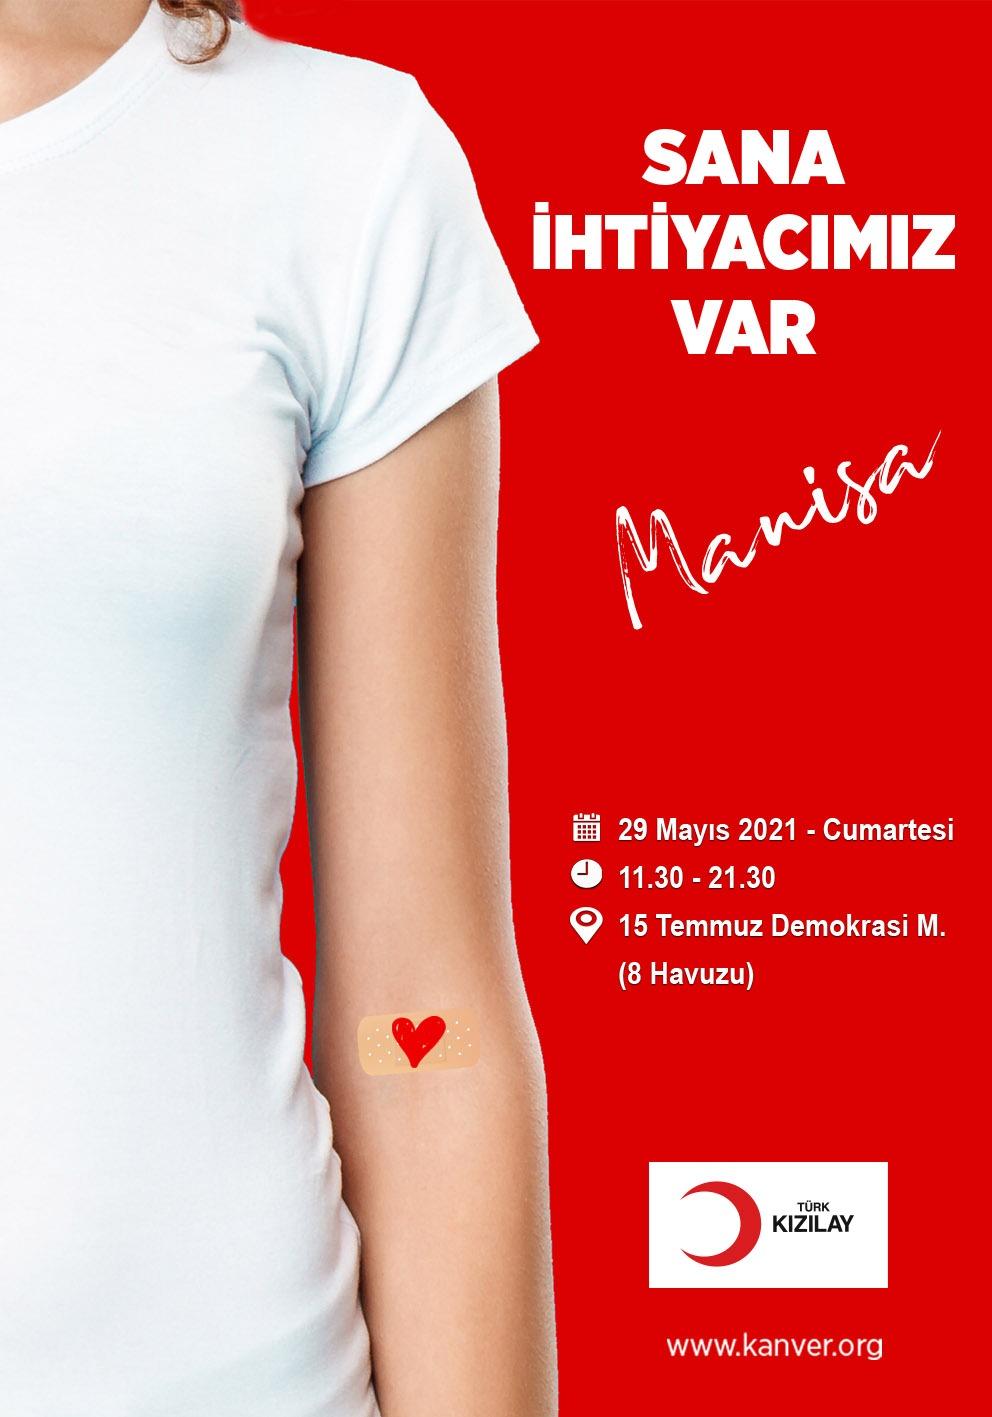 Haydi Manisa kan bağışına destek ver